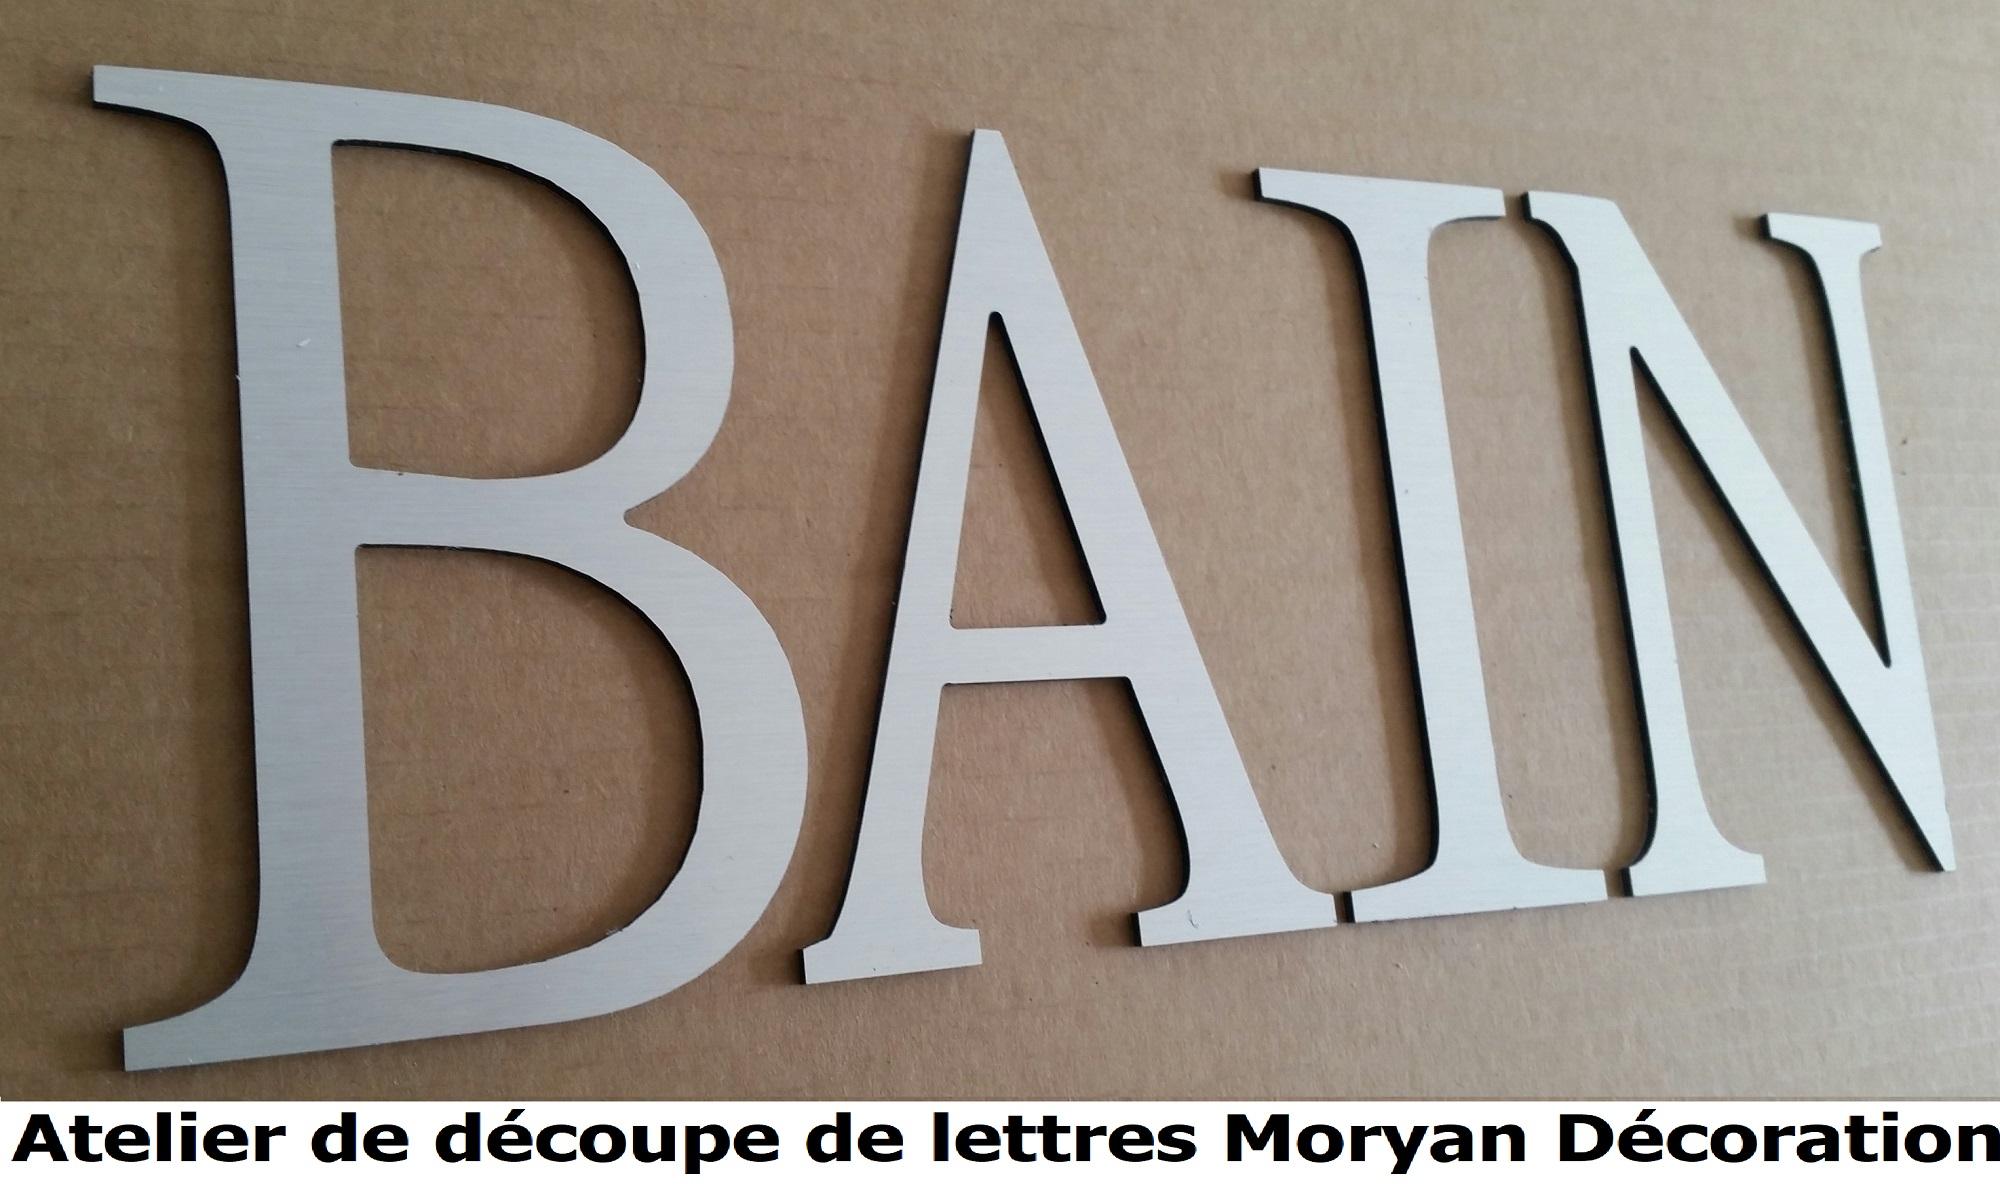 Lettre deco BAIN 2